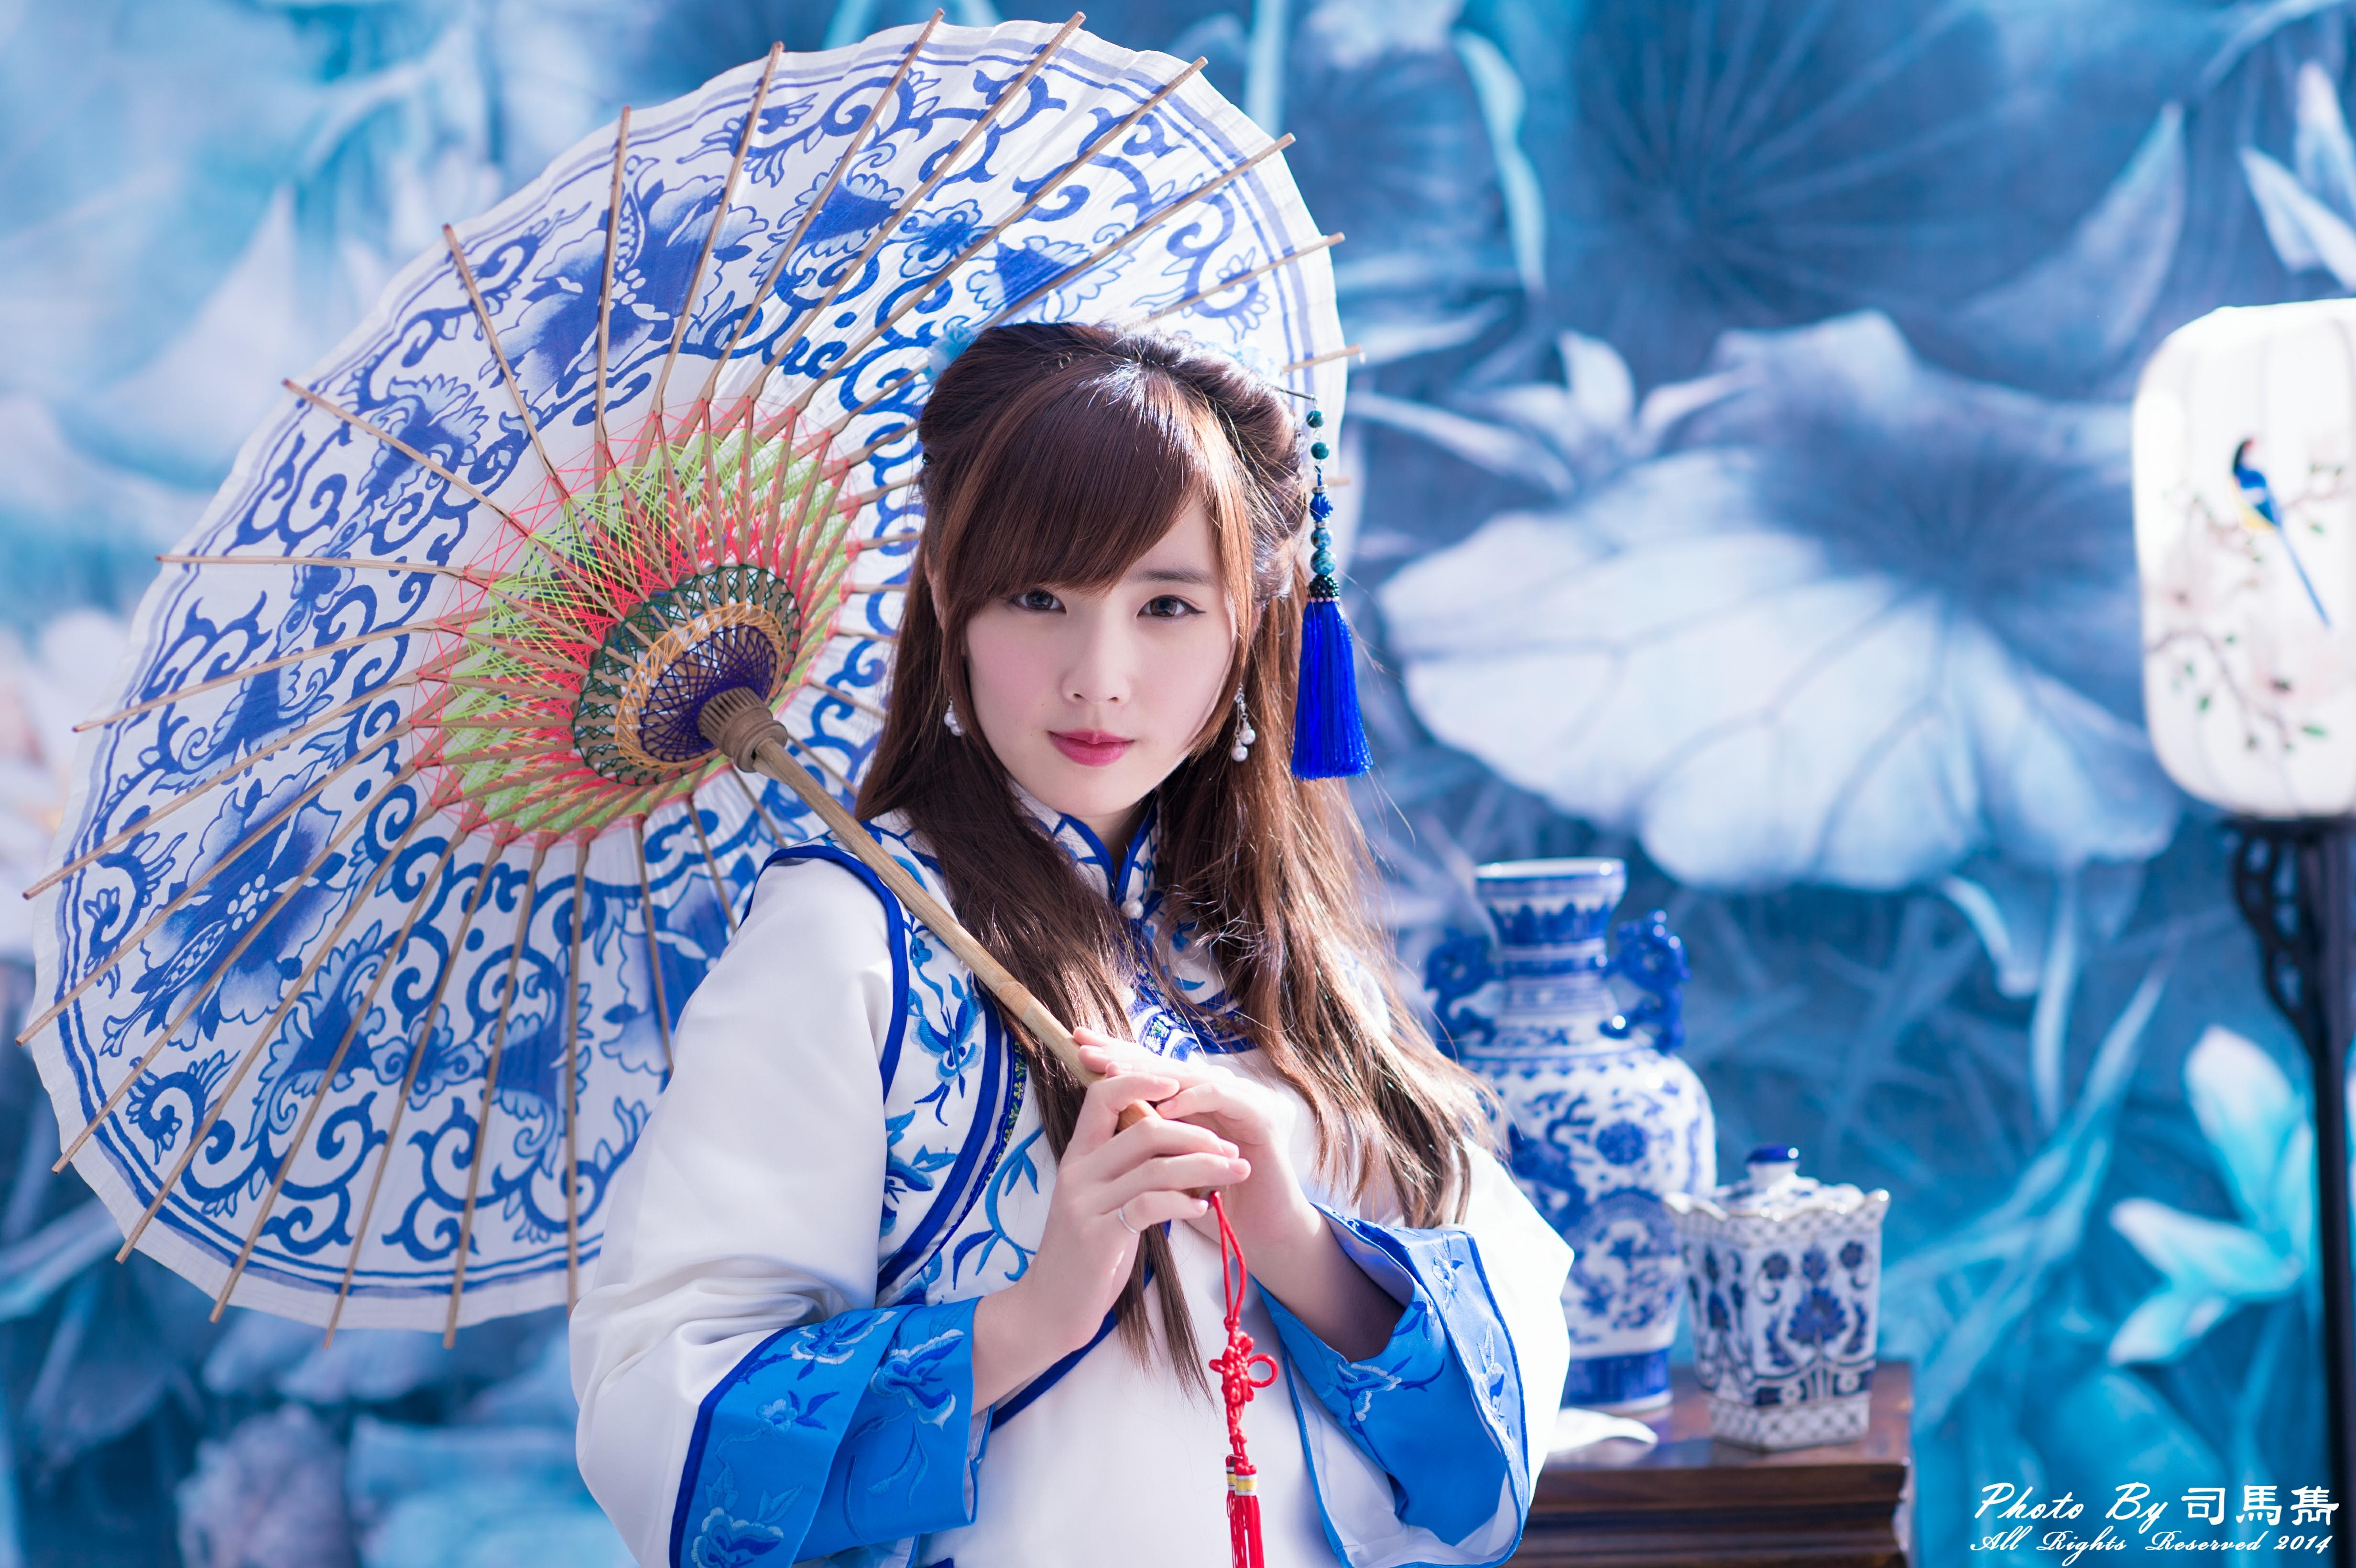 Yu Chen Zheng 4k Ultra HD Wallpaper Background Image 4928x3280 4928x3280